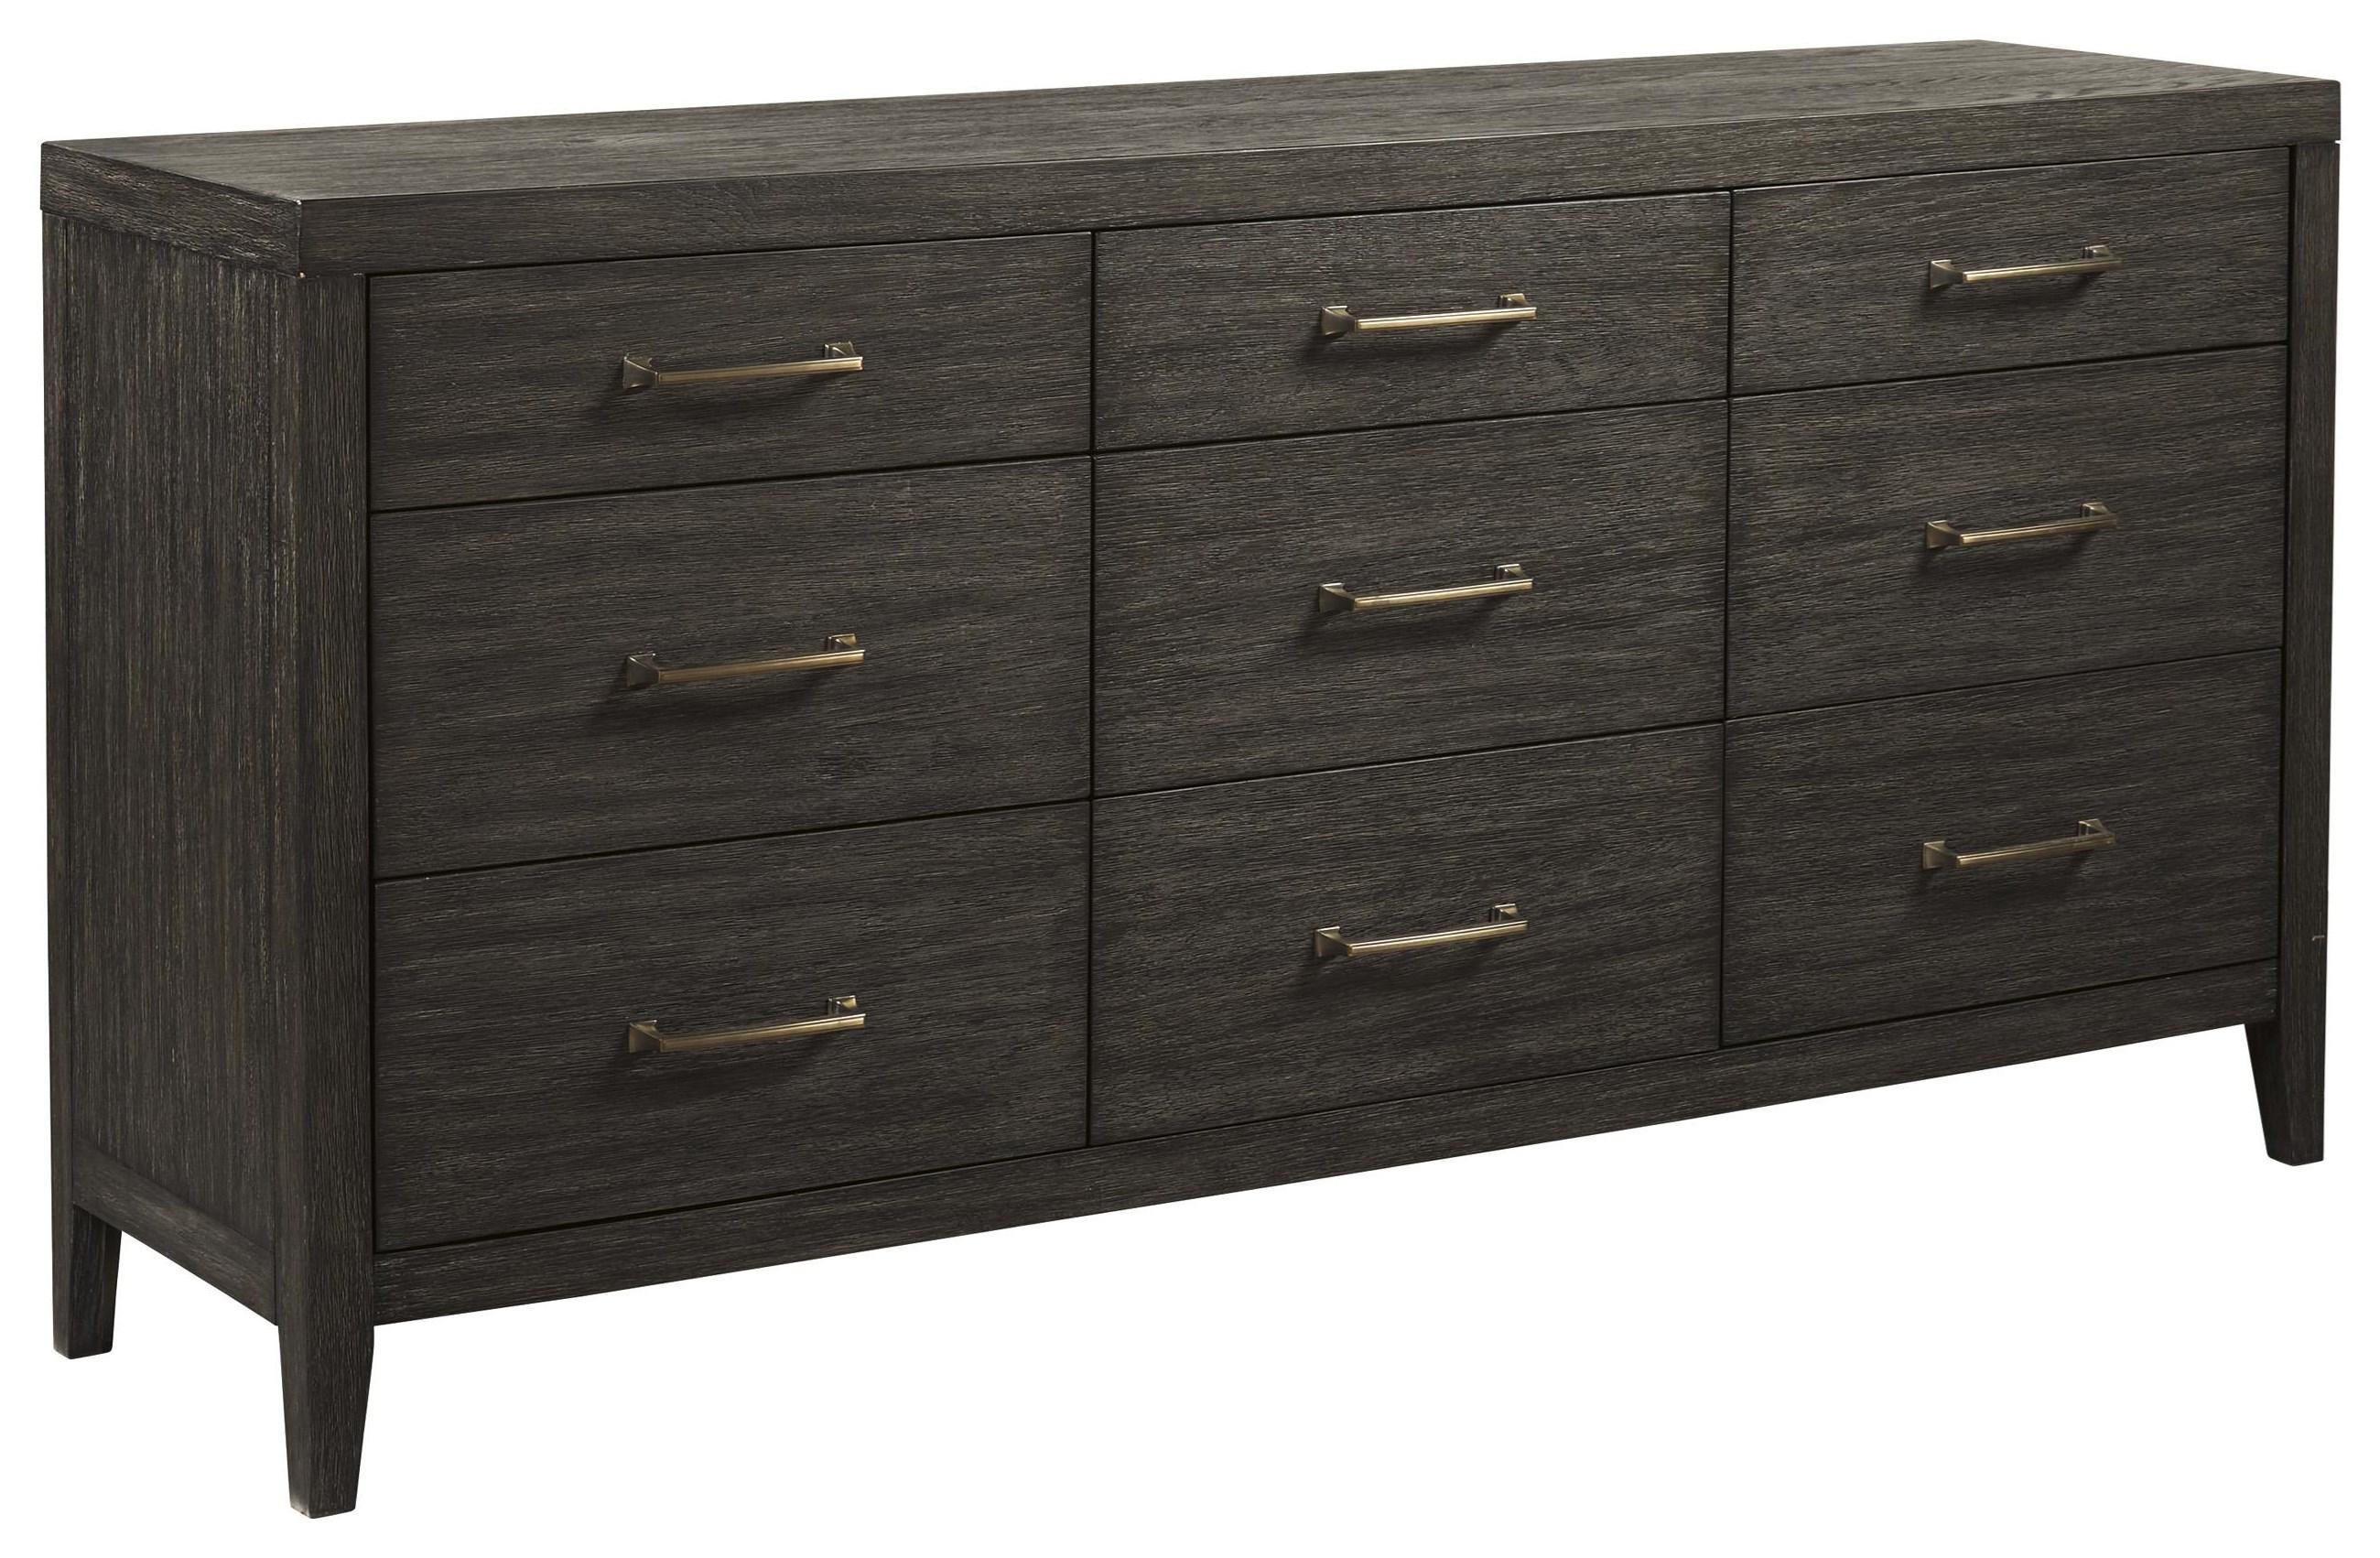 Bellvern Dresser by Ashley Furniture at Sam Levitz Outlet